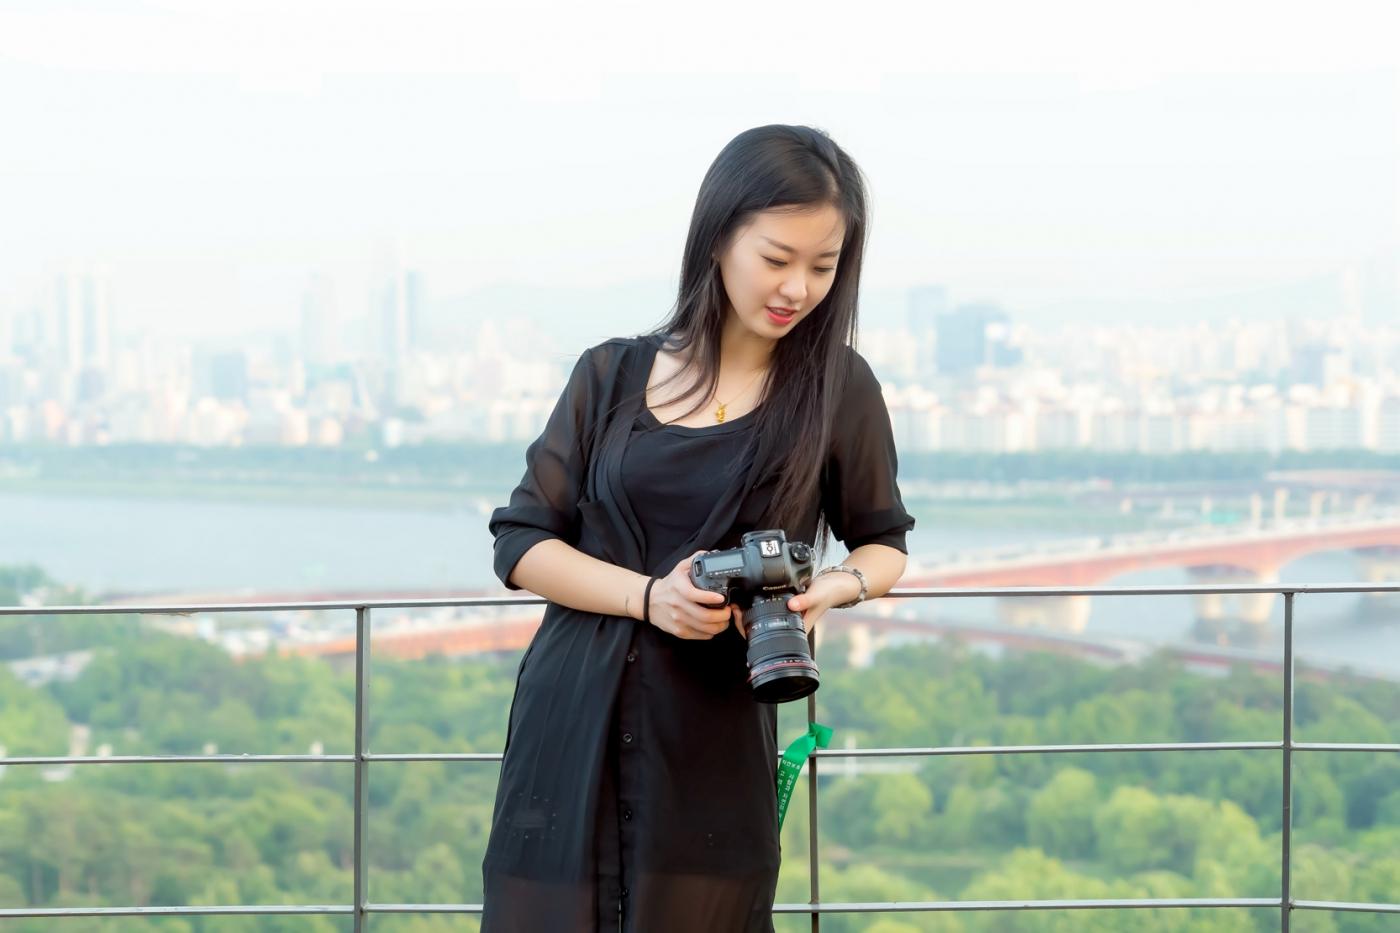 我所见过的最漂亮的女摄影师 姑娘的摄影是舞蹈老师教的吧_图1-23